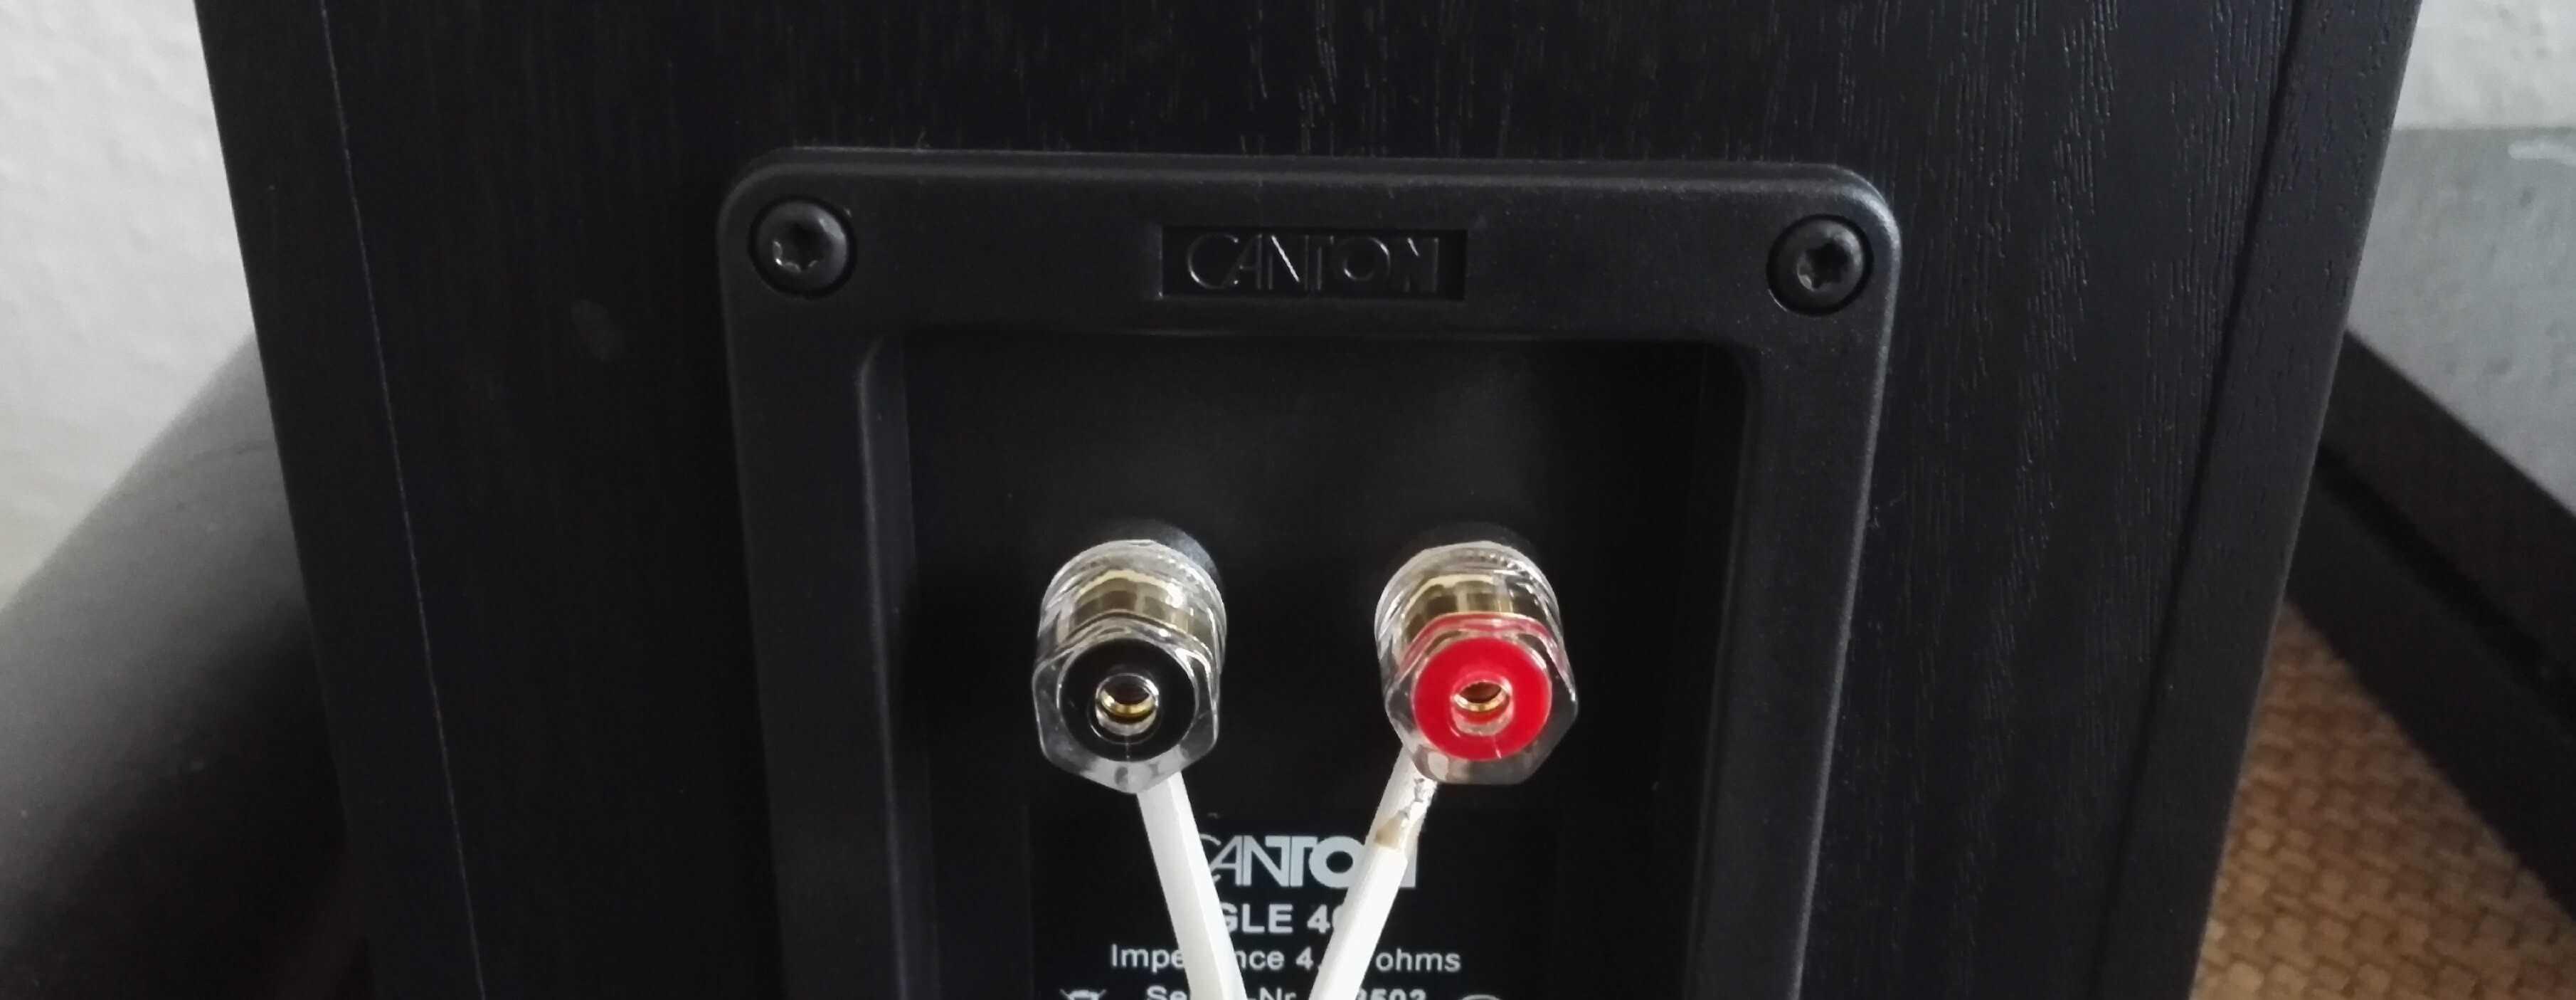 Lautsprecherkabel richtig anschließen » Lautsprecherkabel-Test.de